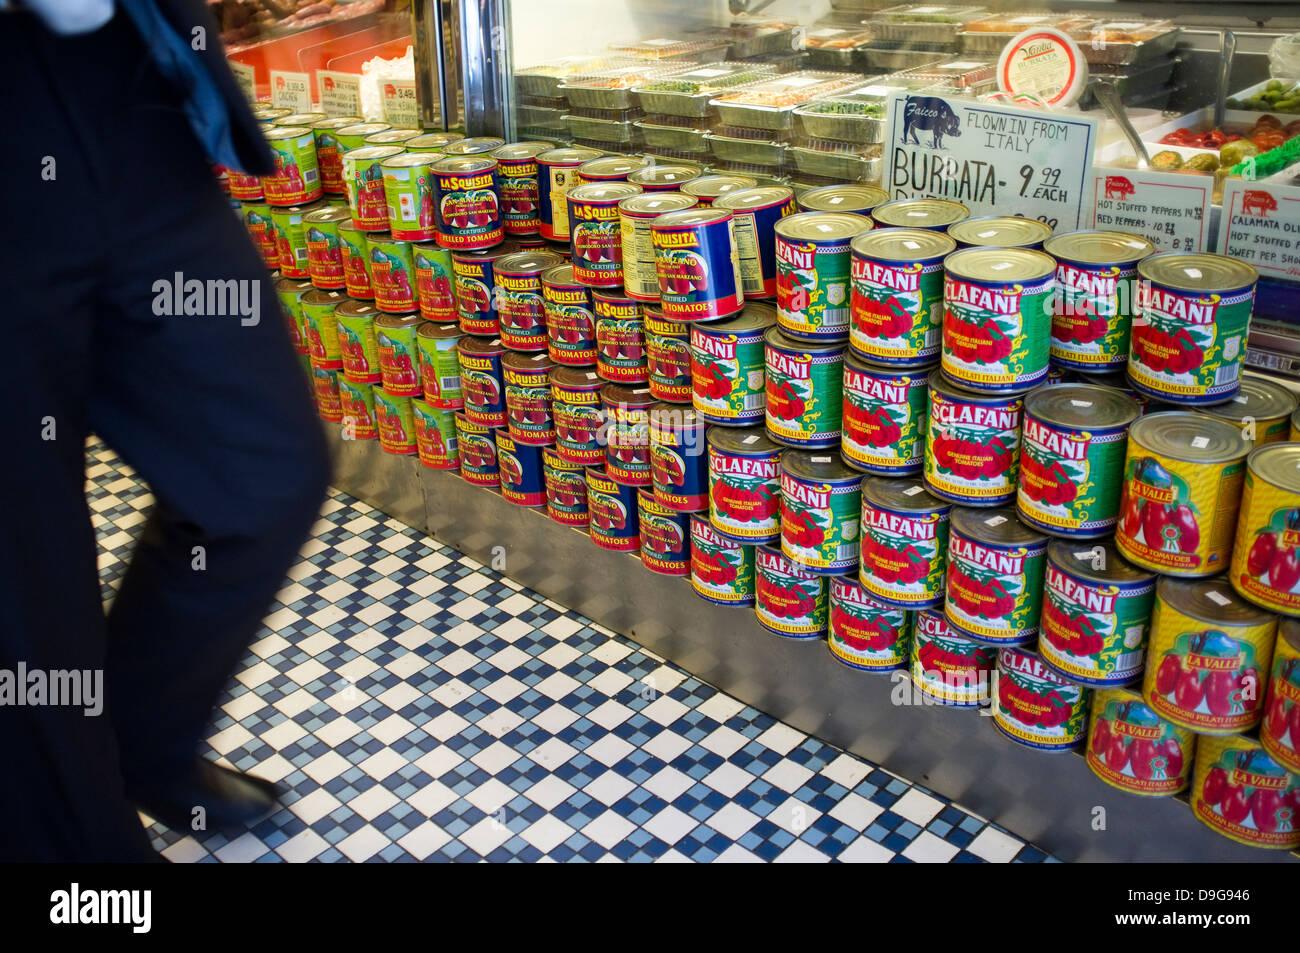 Faicco Schweinefleisch Shop, italienische Spezialitäten. Bleecker St, Greenwich Village, New York City, Tomate, Stockbild